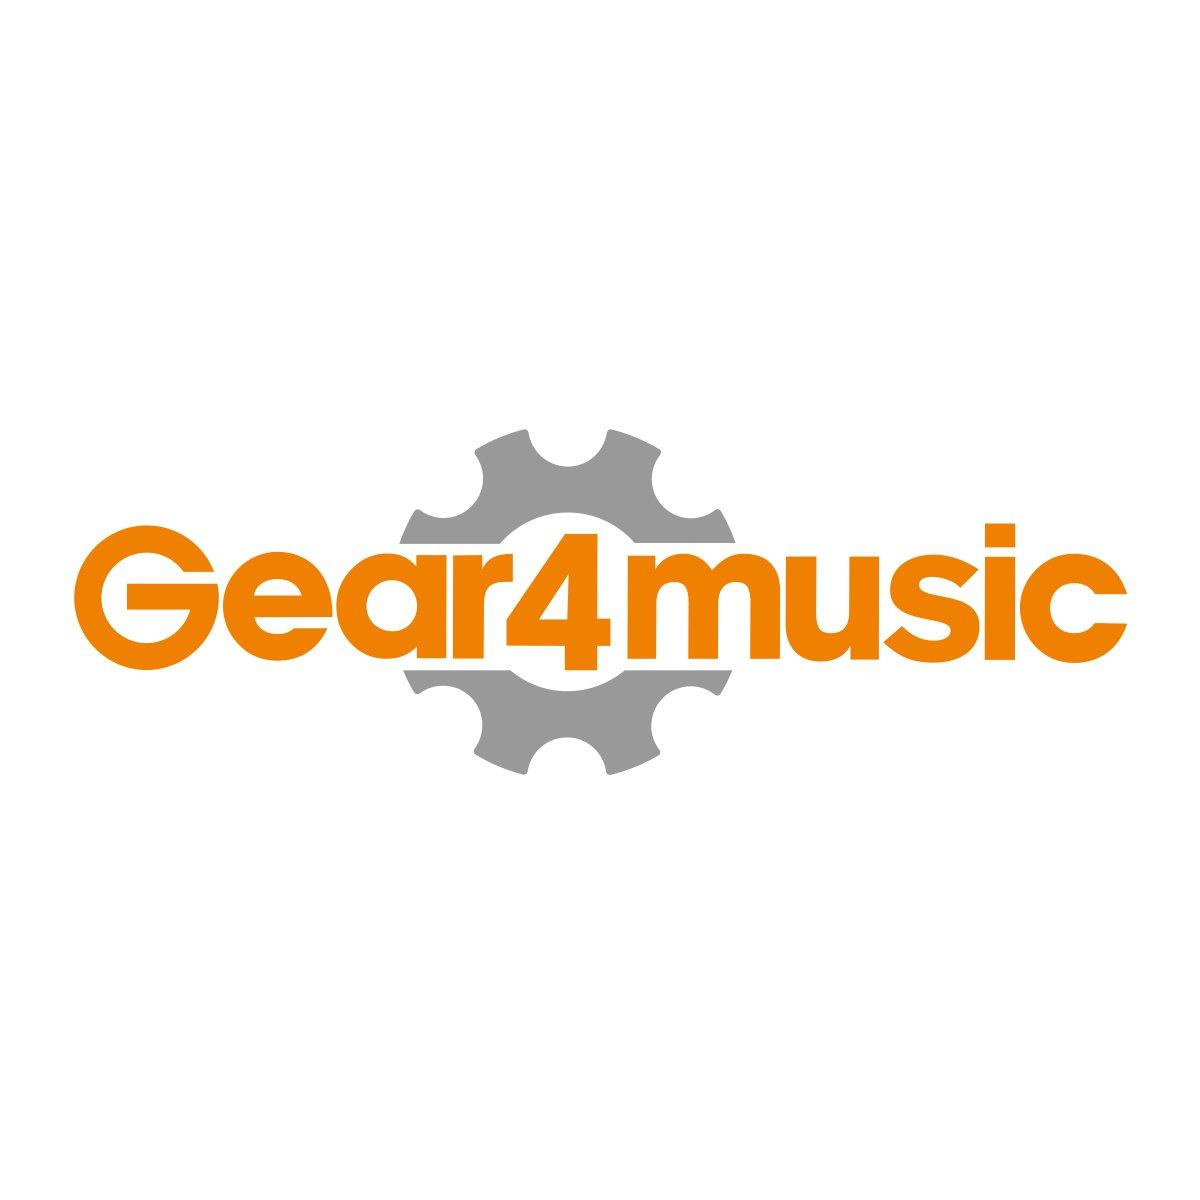 Acoustic Guitars Guitar Shop Gear4music